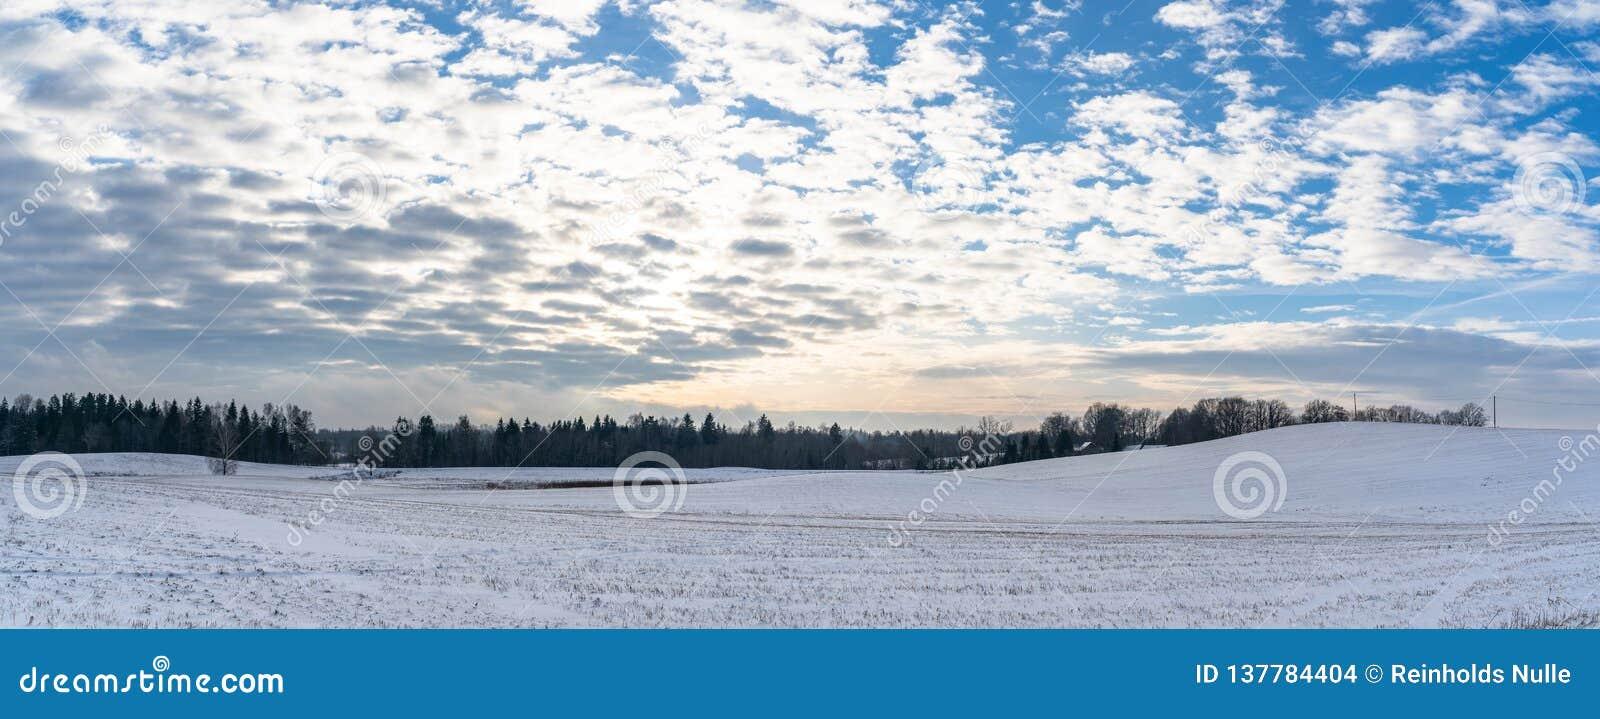 Panoramisch Plattelandslandschap in Sunny Winter Day met Sneeuw die de Grond, Abstracte Achtergrond met Diepe Blik behandelen en